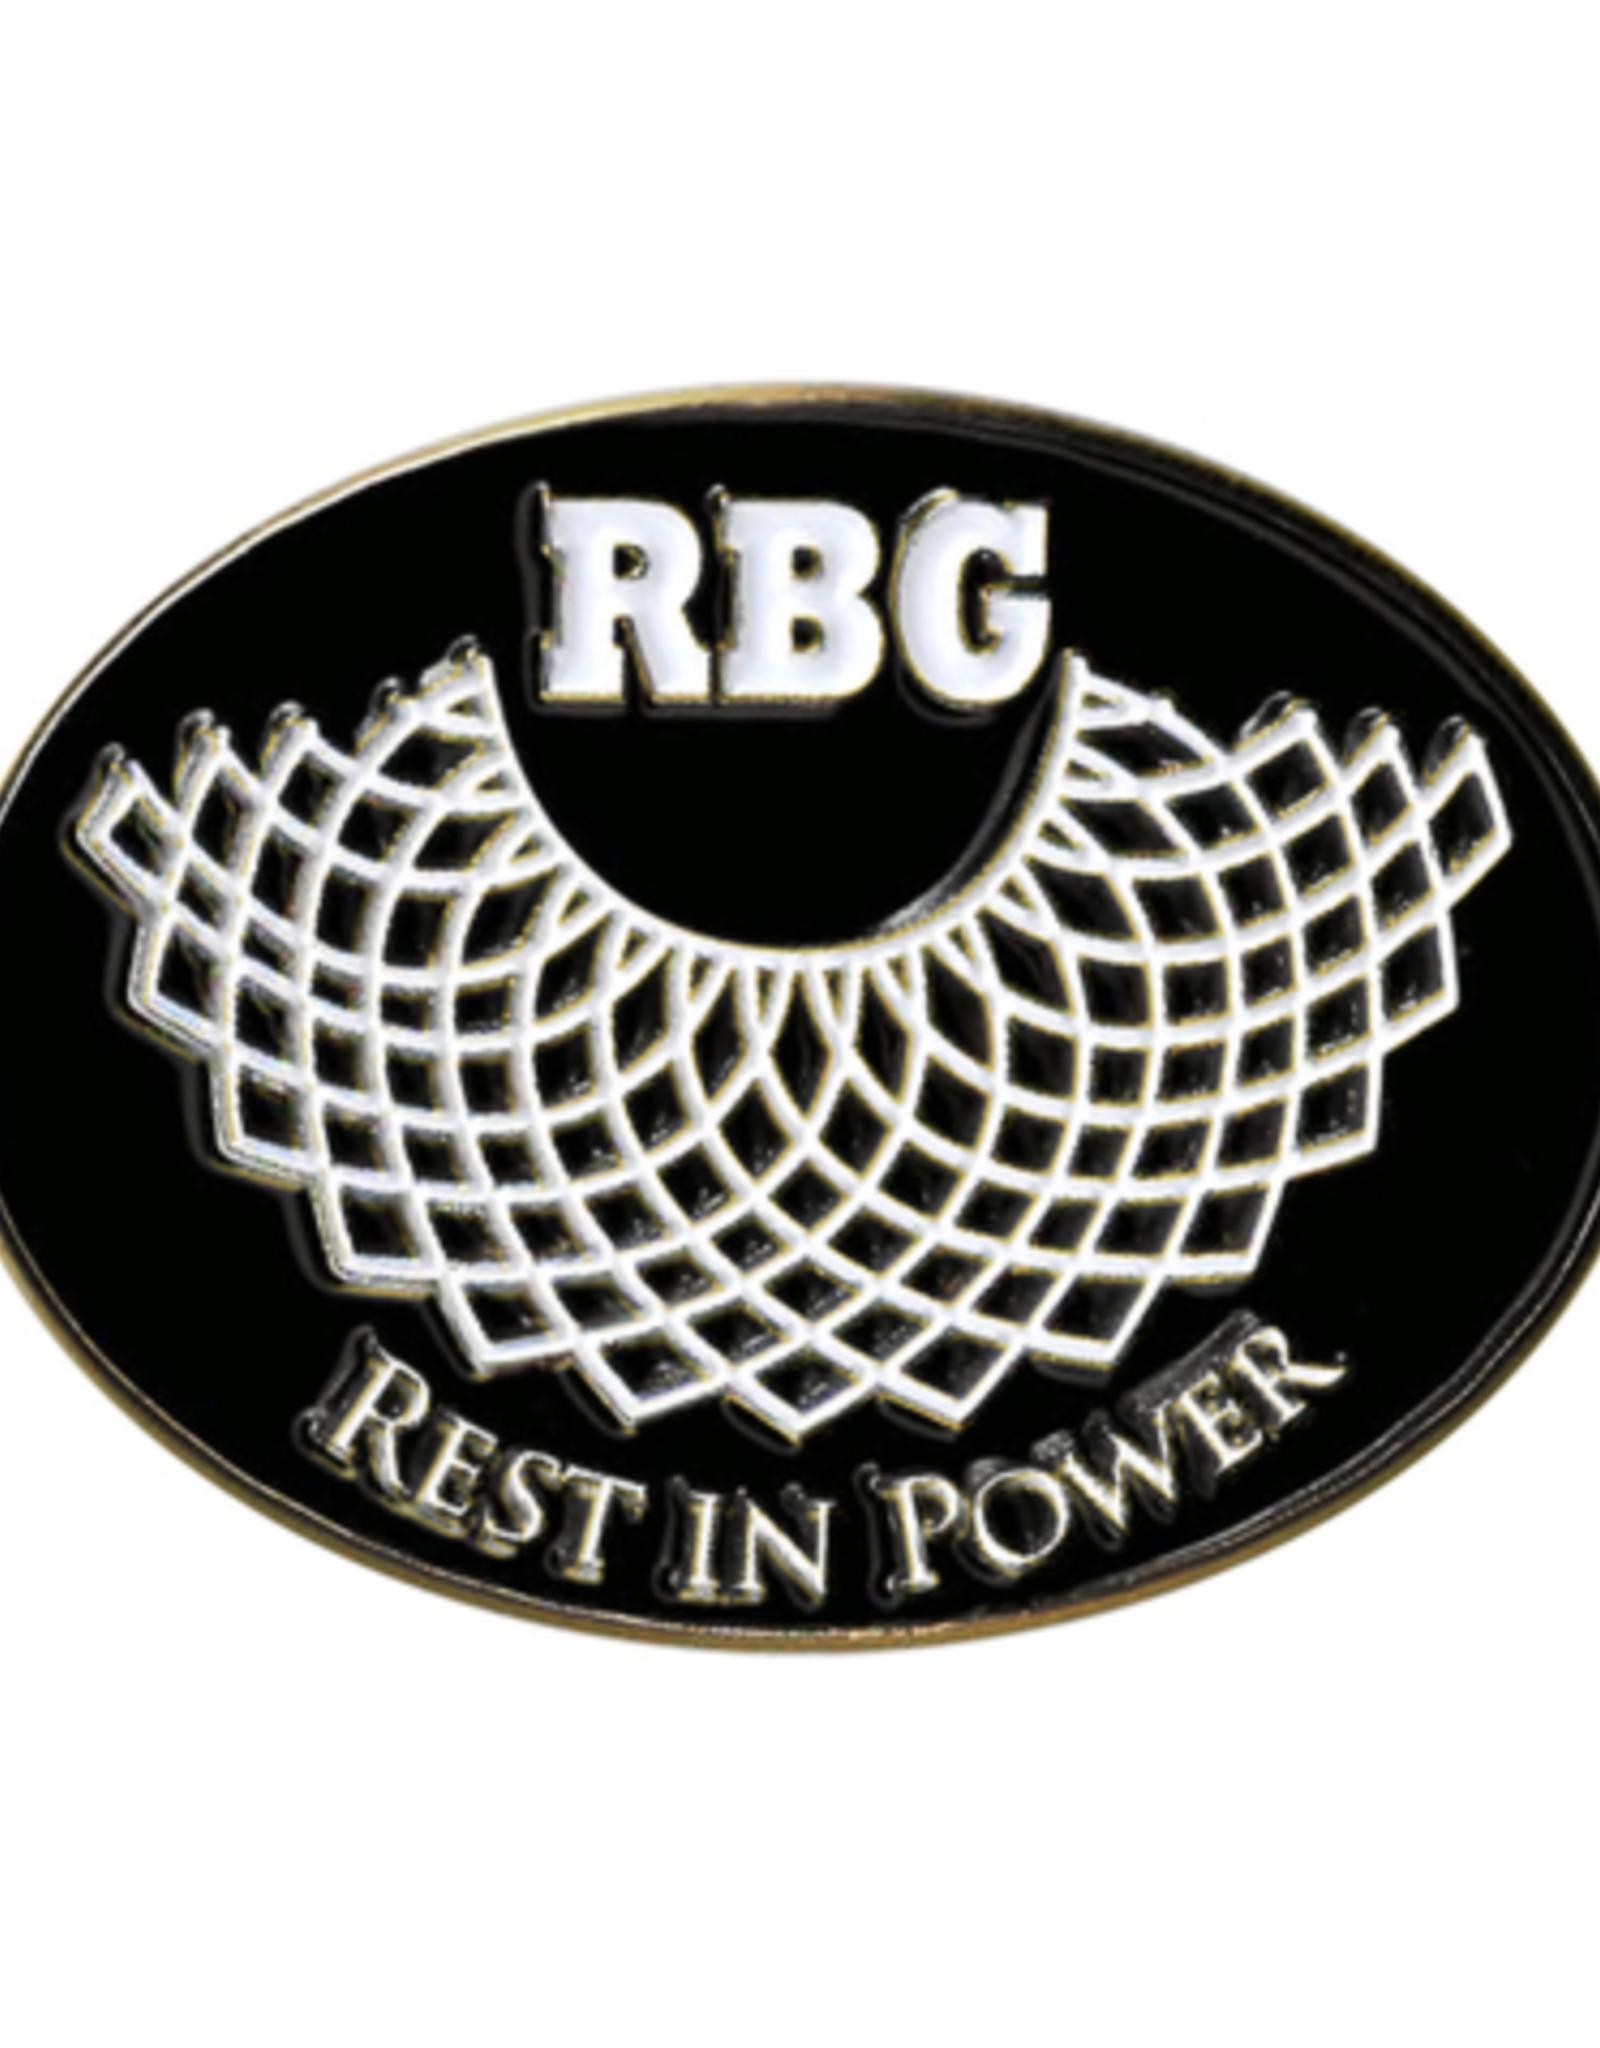 RBG Enamel Pin